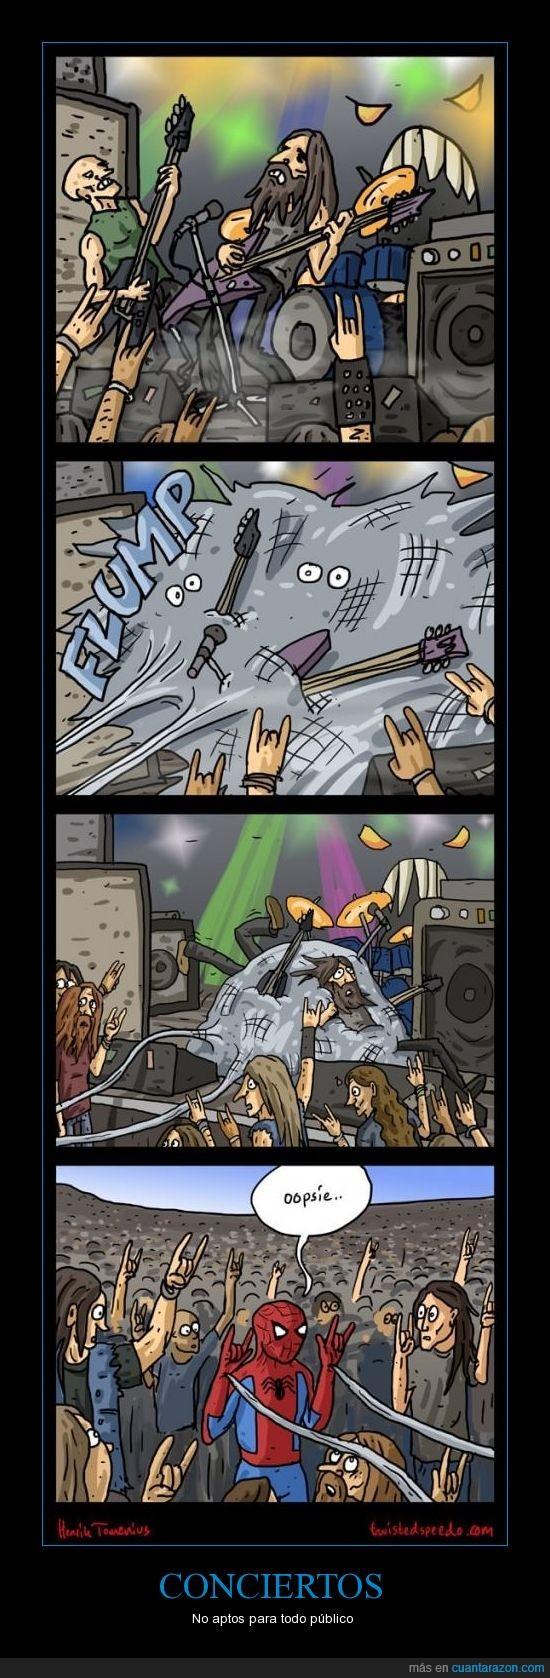 concierto,cuernos,manos,rock,símbolo,spiderman,telaraña